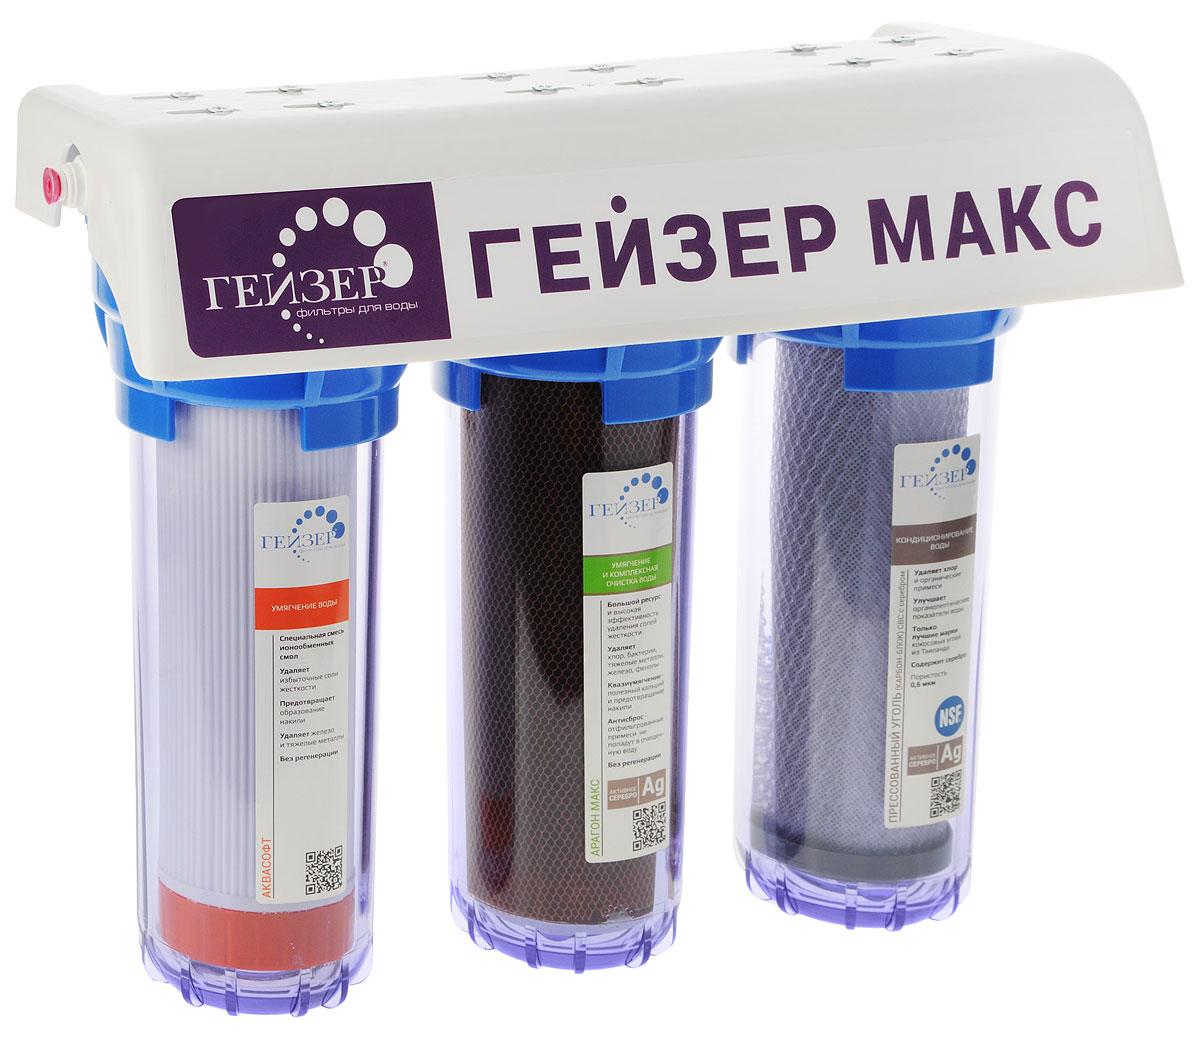 Фильтр трехступенчатый Гейзер Макс, для сверхжесткой воды, цвет: прозрачный68/5/3Трехступенчатый, саморегенерируемый фильтр Гейзер Макс применяется для очистки сверхжесткой воды. Признаки сверхжесткой воды: накипь белого цвета в чайнике после первого кипячения, частый белый налет на сантехнике, пленка в чае.Особенности фильтра:Максимальный ресурс по умягчению воды благодаря сочетанию картриджей AquaSoft и Арагон МАКС.Максимальная польза - устраняя избыточное количество карбоната кальция, Гейзер Макс сохраняет полезный минеральный состав воды.Максимальная экономия - Гейзер Макс экономит ваше время и деньги: для равномерной работы в течение года не требуется регенерация.Максимальный комфорт: компактный, удобный и легкий в установке и работе фильтр для умягчения воды - занимает не более 10% места под стандартной мойкой на вашей кухне. Один поворот ручки крана и у вас чистая и полезная вода.Максимальный эффект - 12 месяцев работы - отсутствие накипи и непревзойденный вкус кулинарных шедевров.Активное серебро в несмываемой форме подавляет размножение отфильтрованных бактерий.Самоиндикация ресурса - появление накипи или снижение напора воды указывают на необходимость замены картриджа.Антисброс - все отфильтрованные примеси необратимо задерживаются в лабиринтной структуре картриджа.Квазиумягчение - в процессе фильтрации через картридж Арагон вода насыщается полезным кальцием - Арагонитом (профилактика сердечно-сосудистых заболеваний). Очищенная вода при кипячении не образует накипи на нагревательных элементах.Состав картриджей фильтра:Аквасофт - специальная смесь ионообменных смол питьевого класса.Арагон Макс - уникальный картридж, разработанный специально для очистки жесткой воды.СВС - технология карбон-блок, удаляет оставшиеся органические примеси и улучшает органолептические показатели очищенной воды.Назначение картриджей:1-я ступень. Композитный картридж Аквасофт, фильтрующей средой которого является смесь ионообменных смол питьевого класса. Его эффективность по очистк